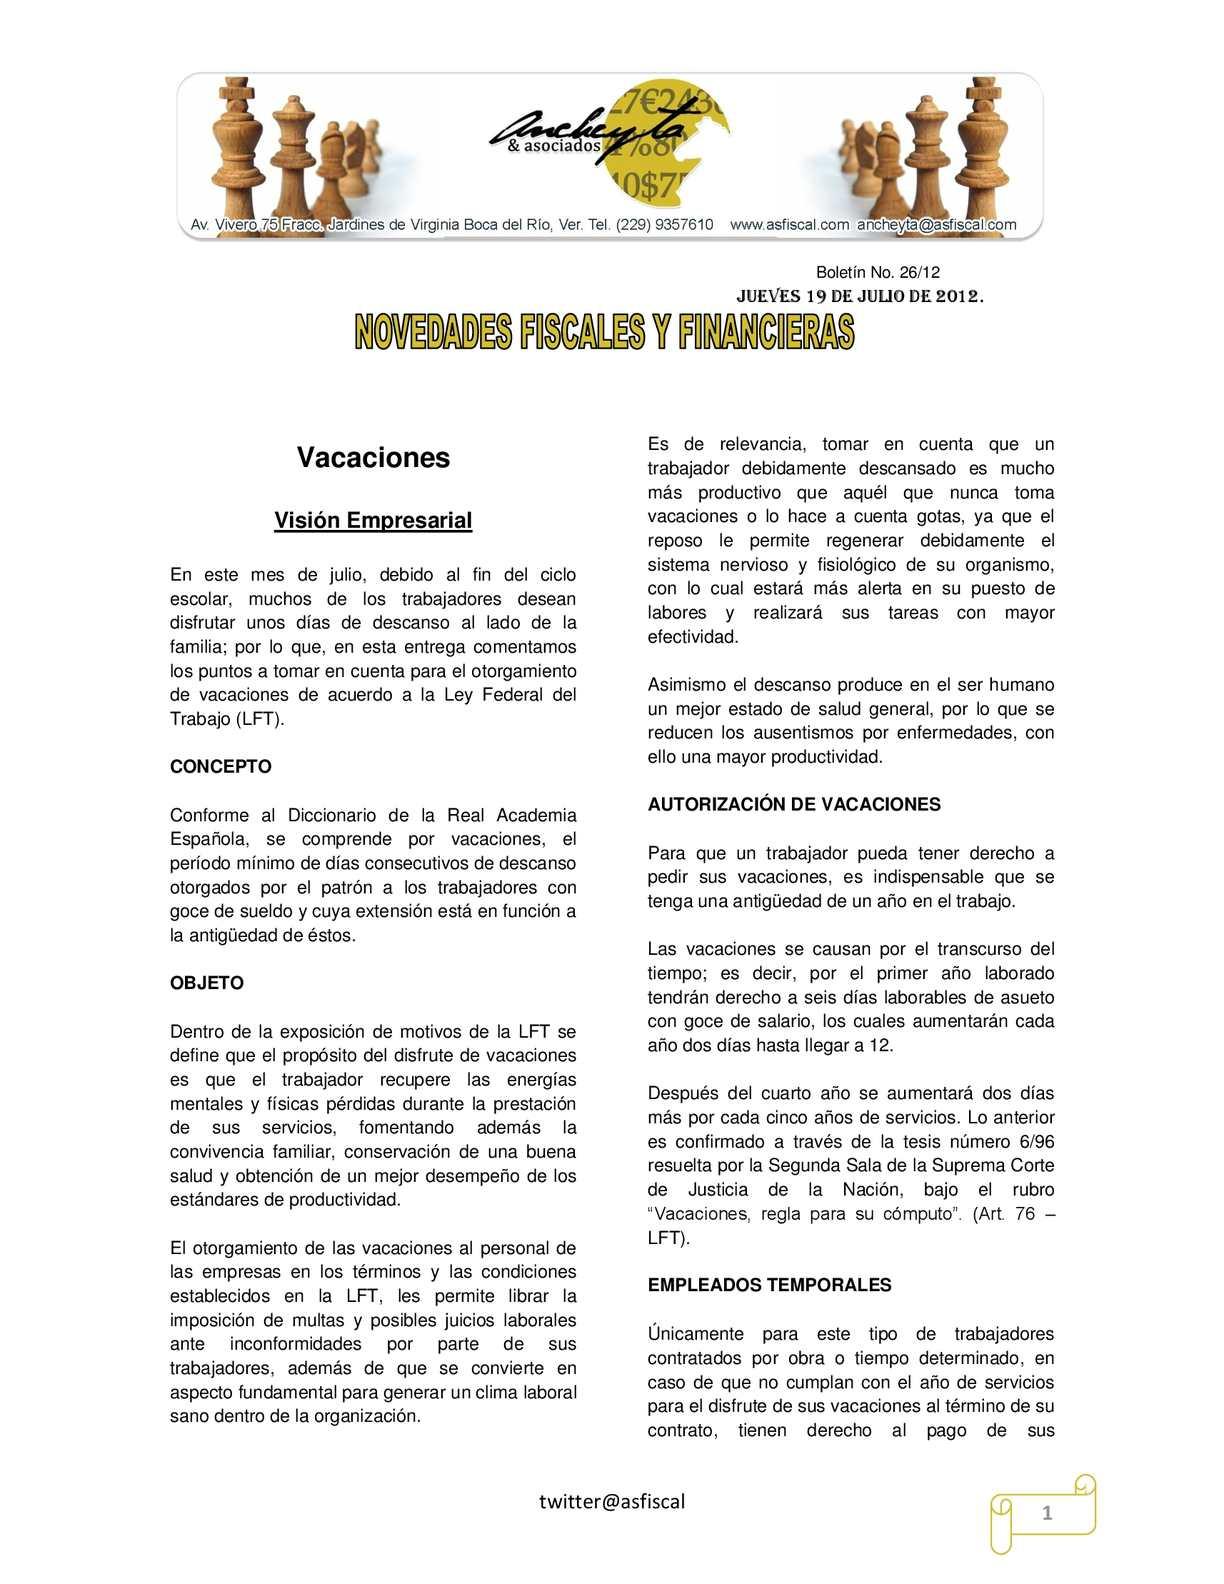 Calameo Boletin 26 12 Novedades Fiscales Y Financieras